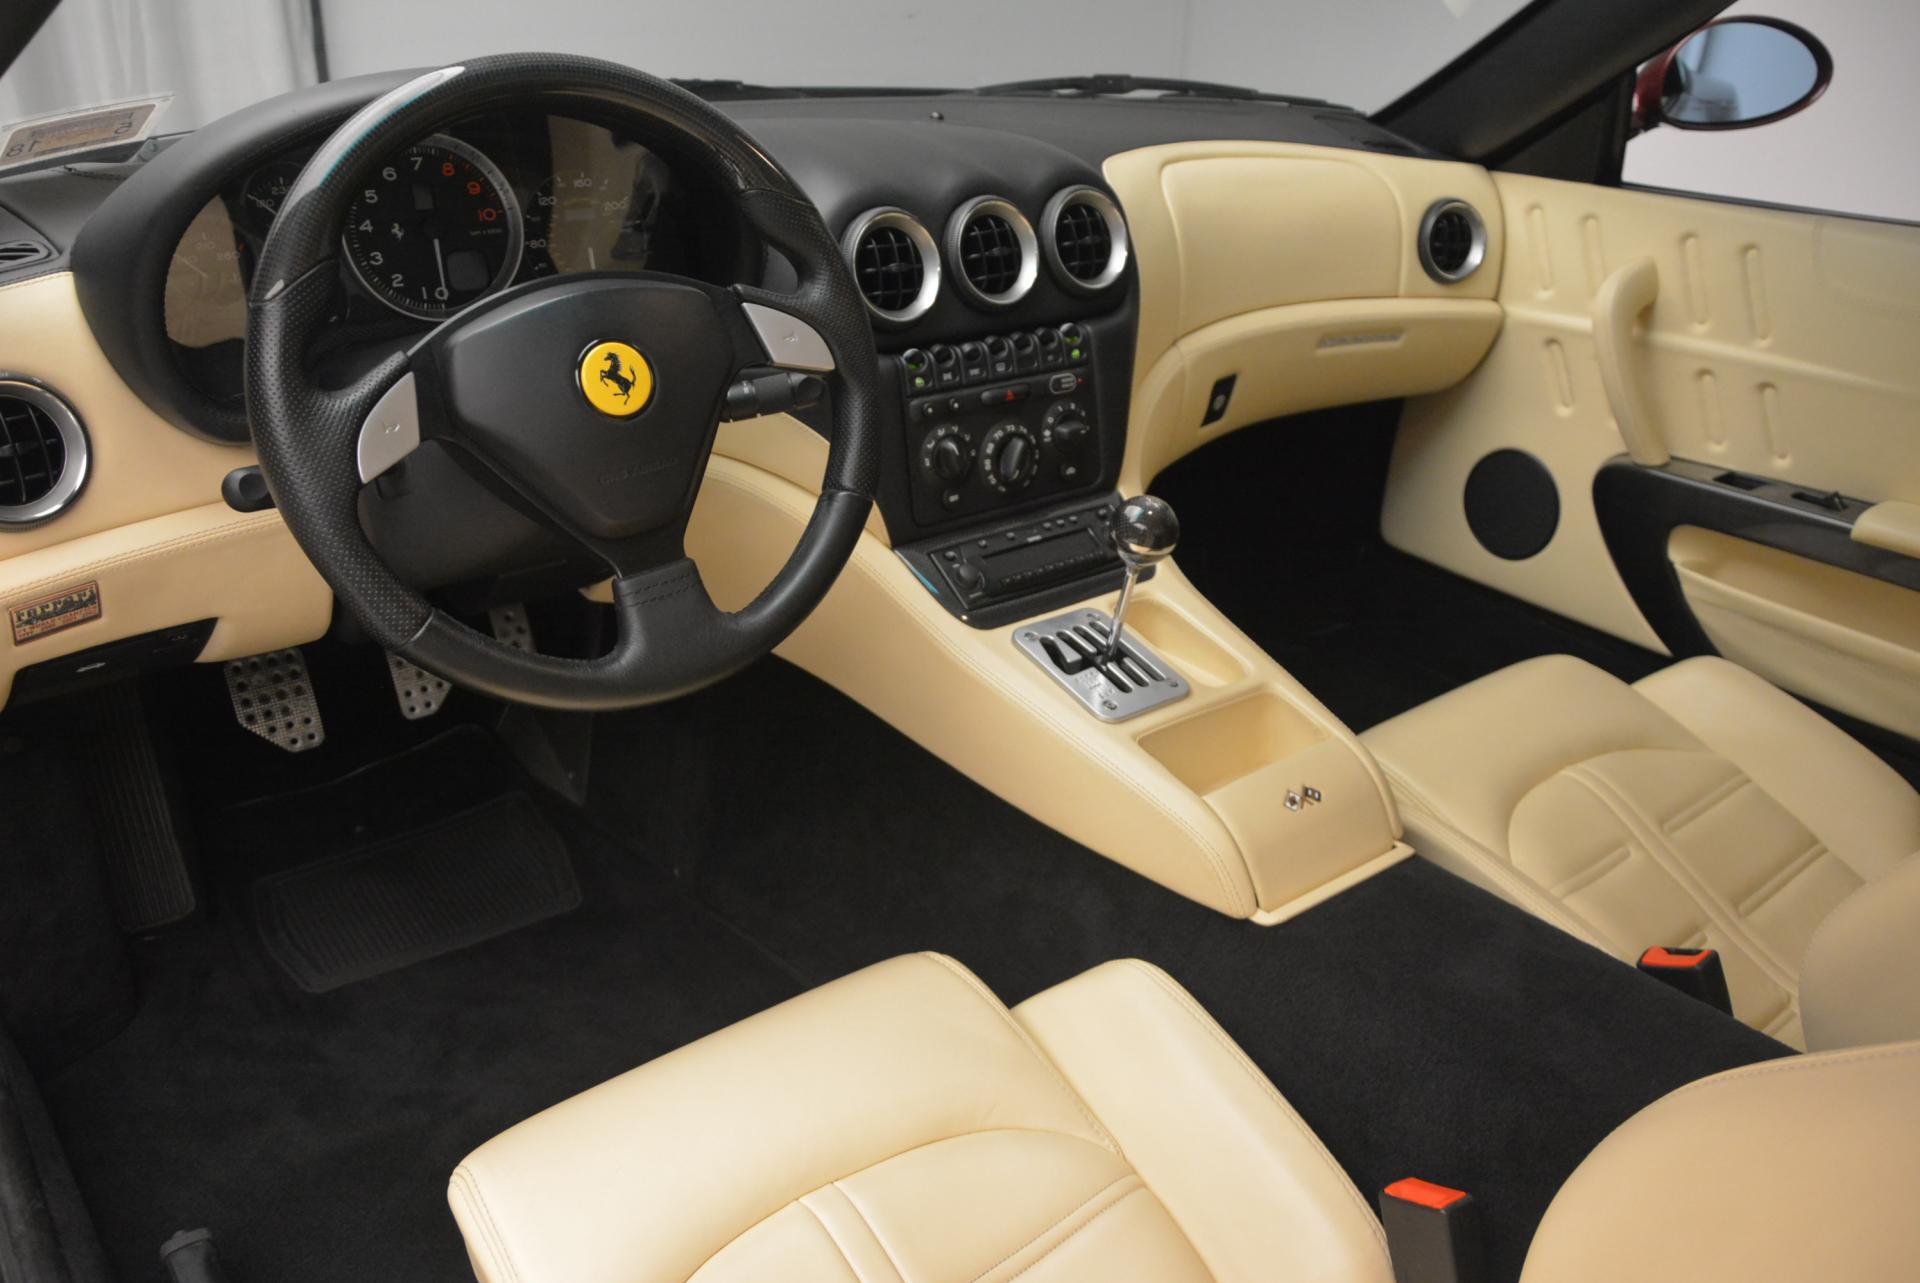 Used 2003 Ferrari 575M Maranello 6-Speed Manual For Sale In Westport, CT 143_p13